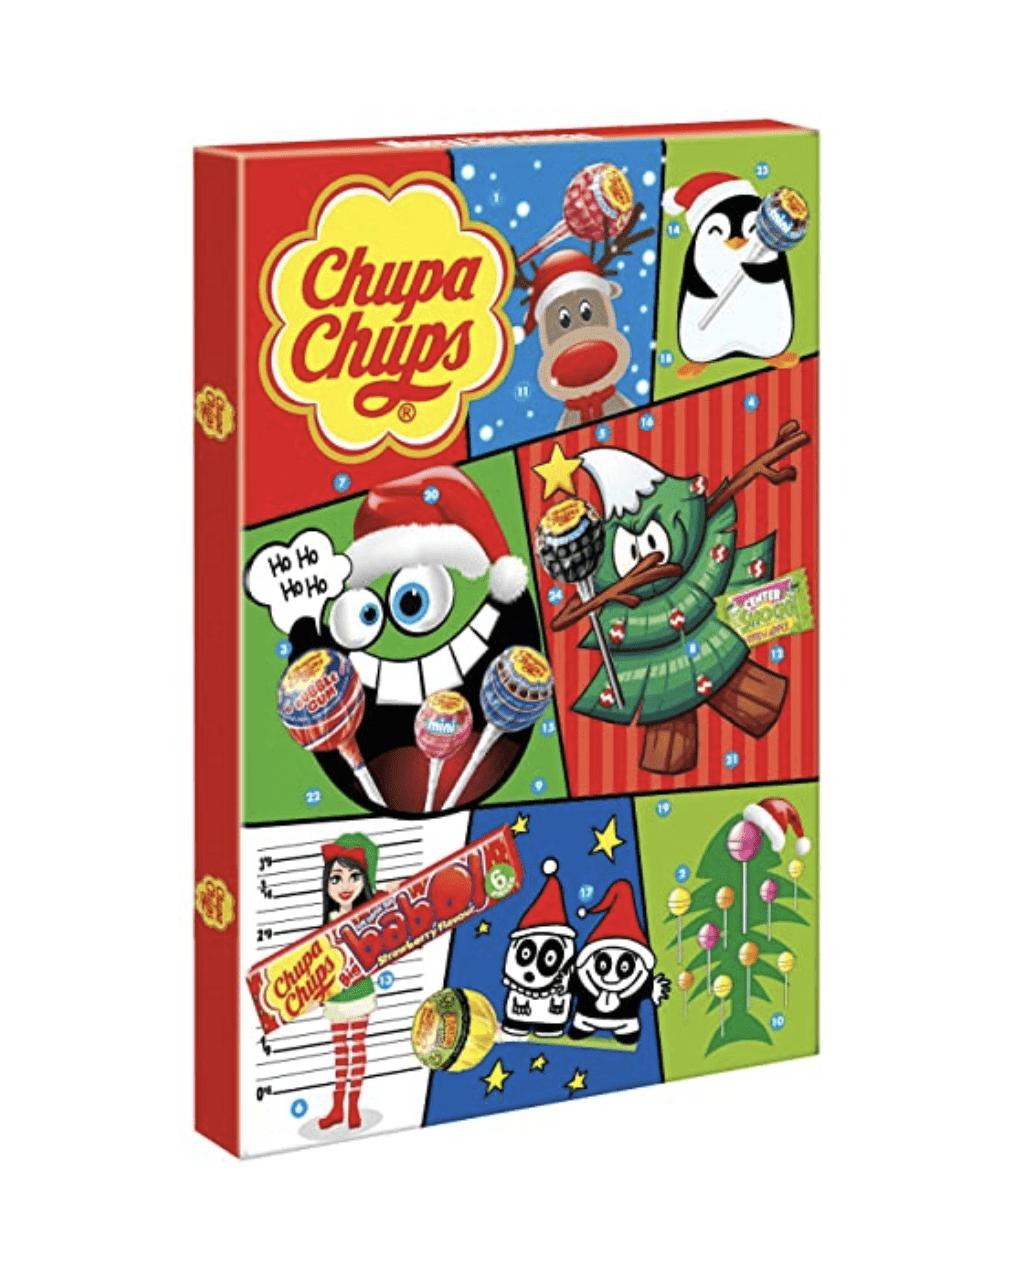 Chupa Chups Advent Calendar – On Sale Now!